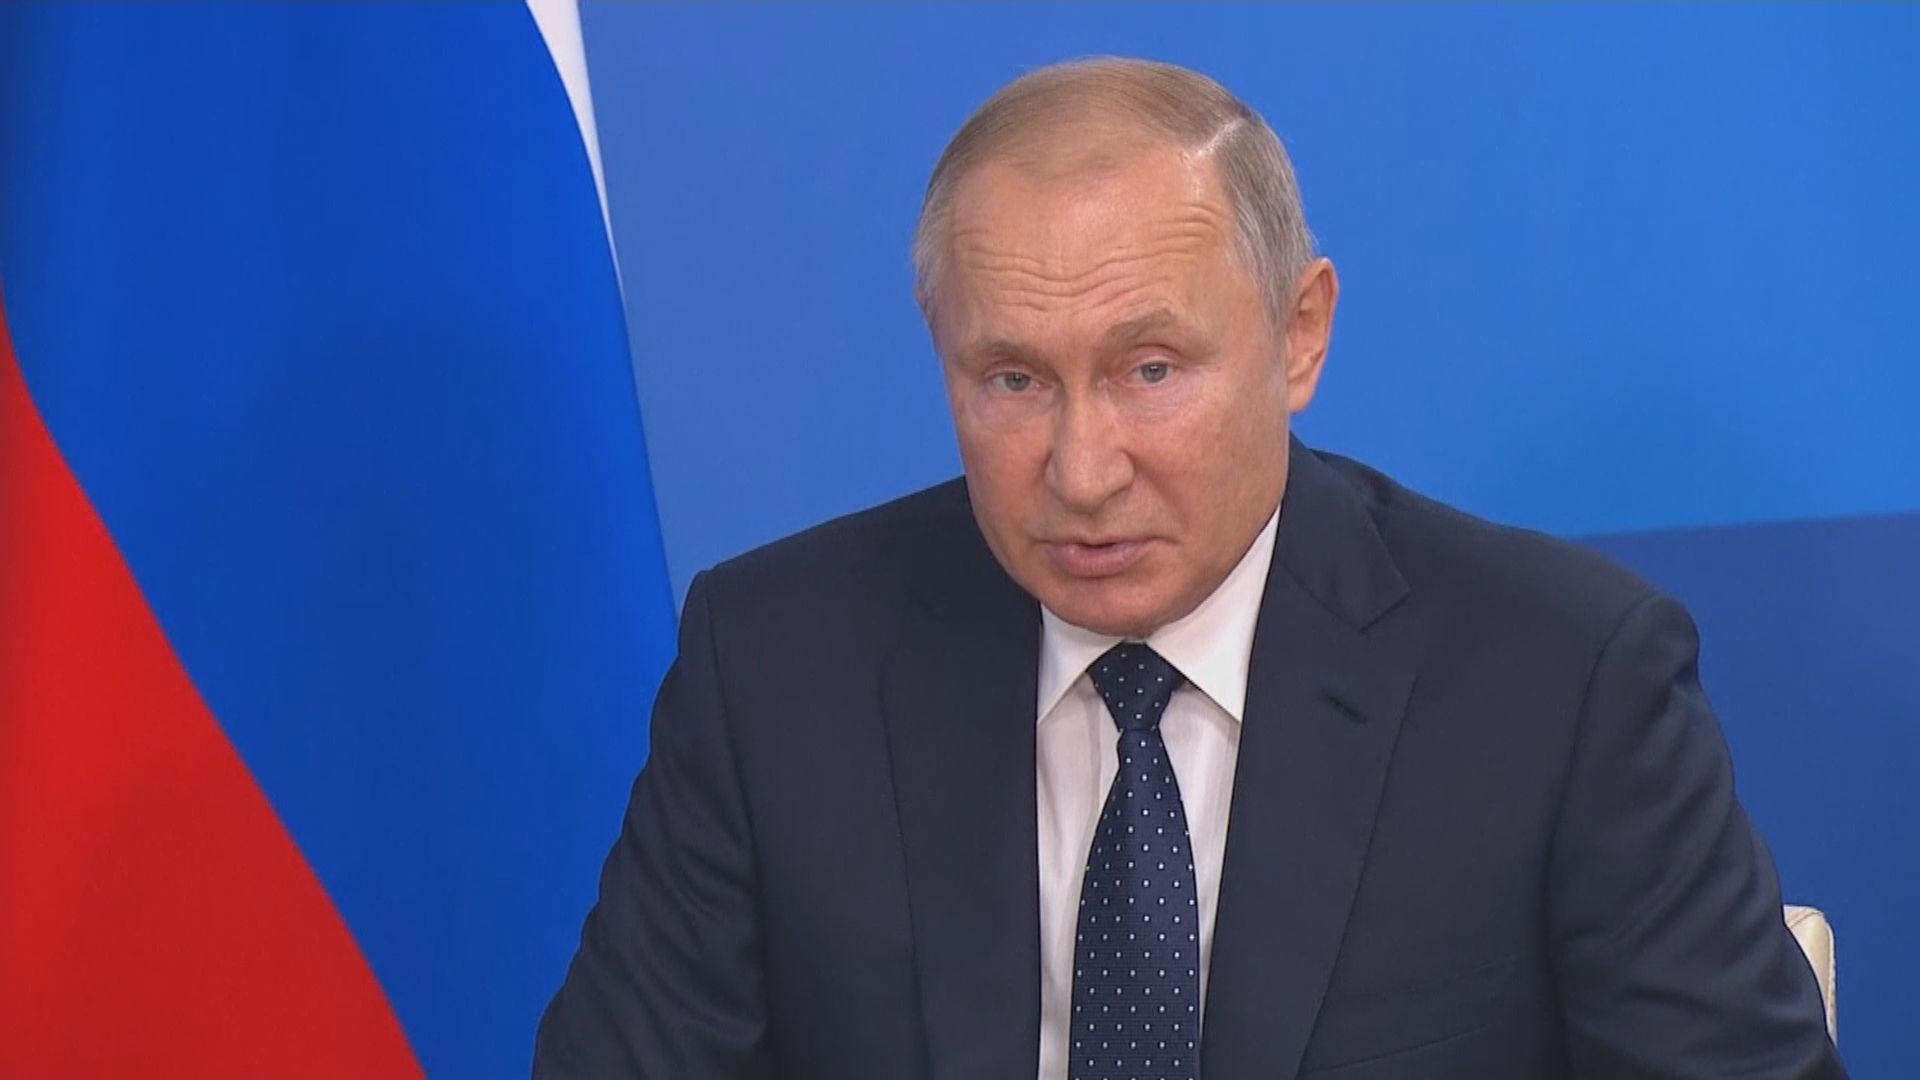 普京稱美日軍事聯繫令和約難以締結